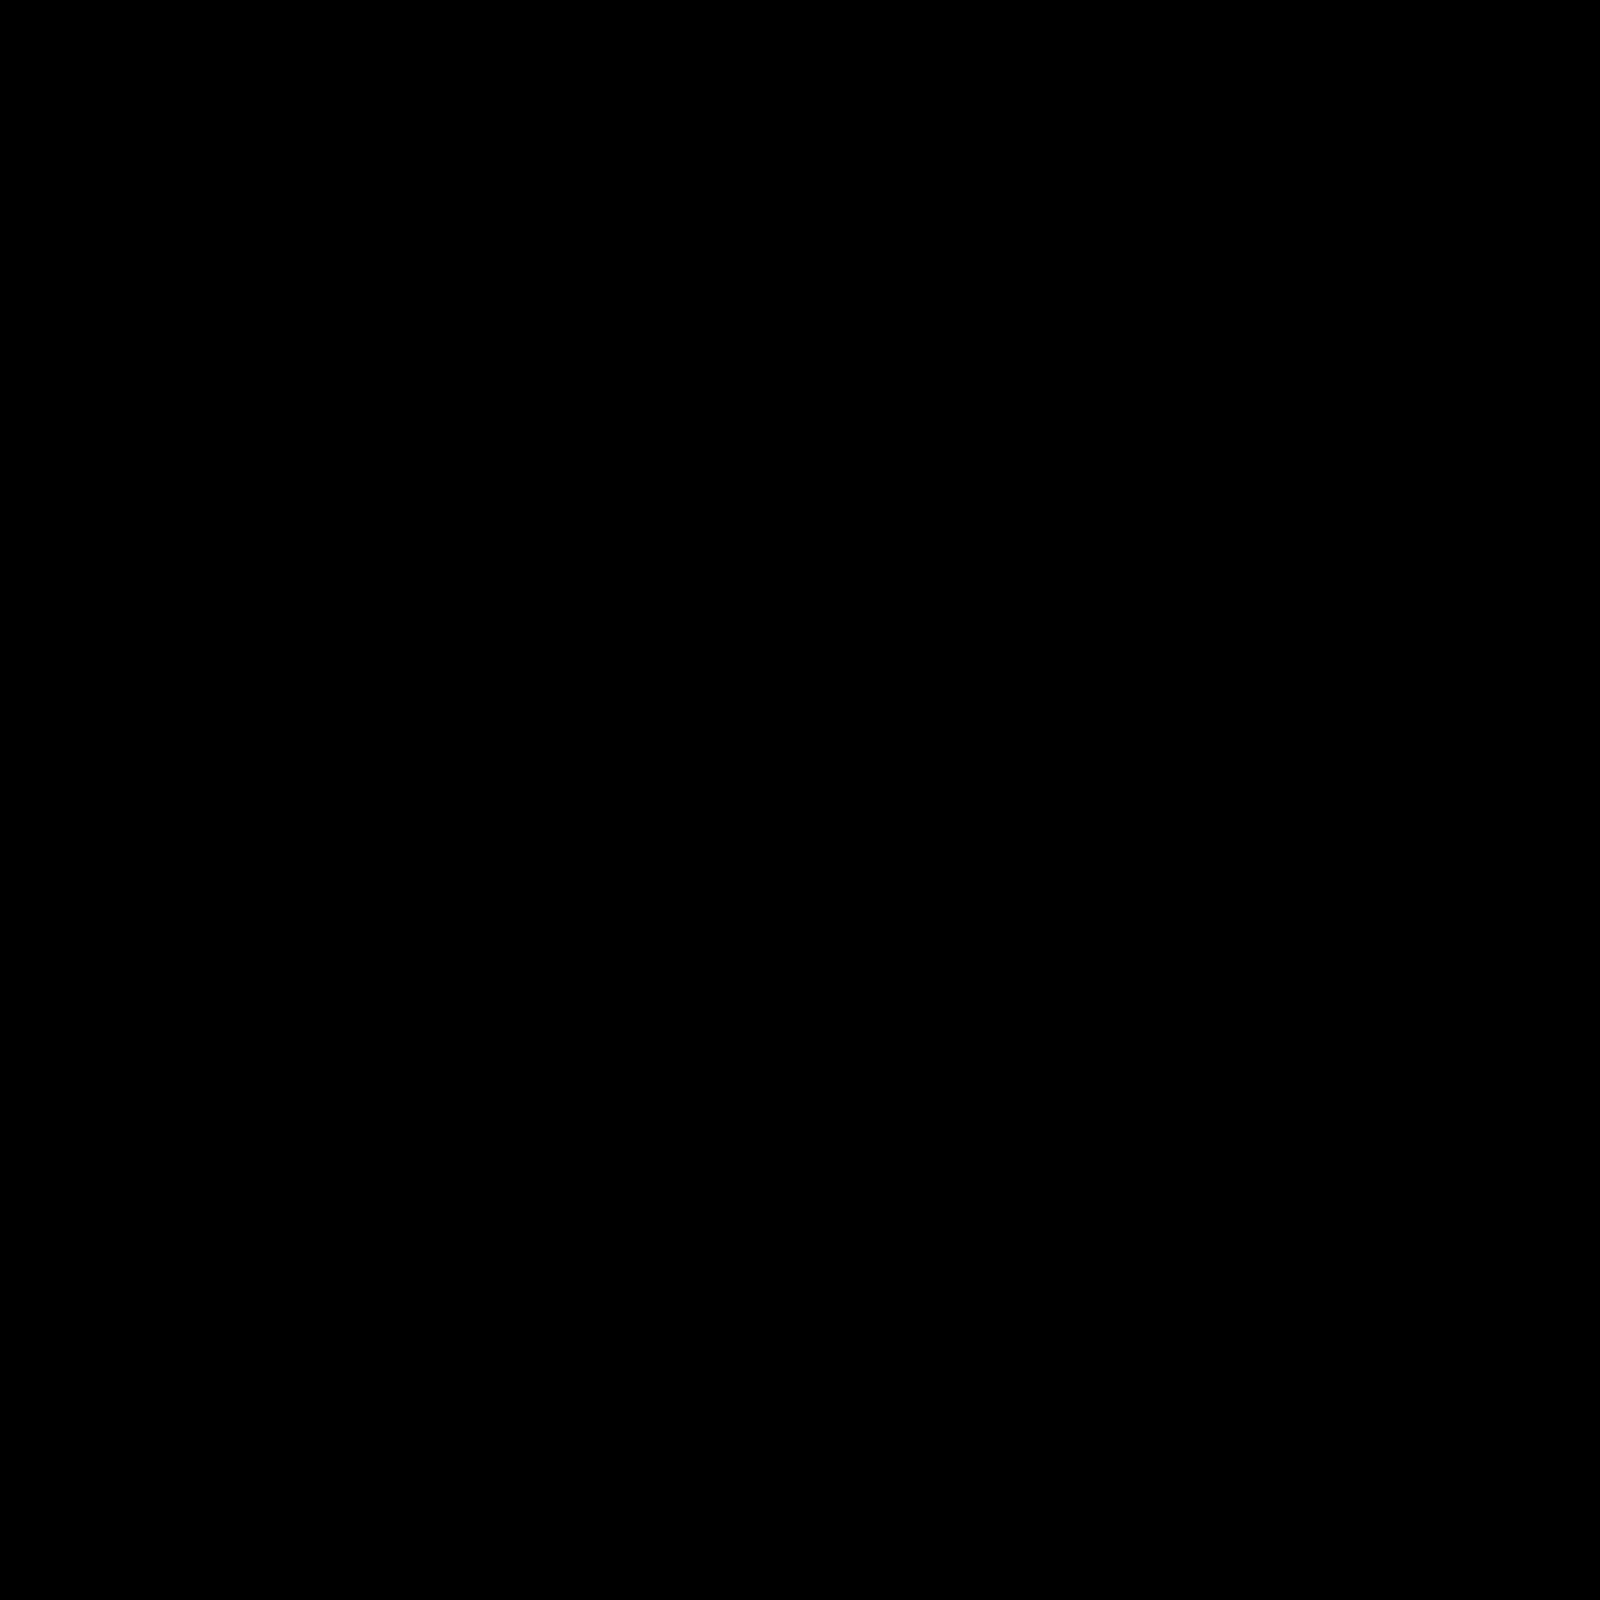 Tenis 2 icon